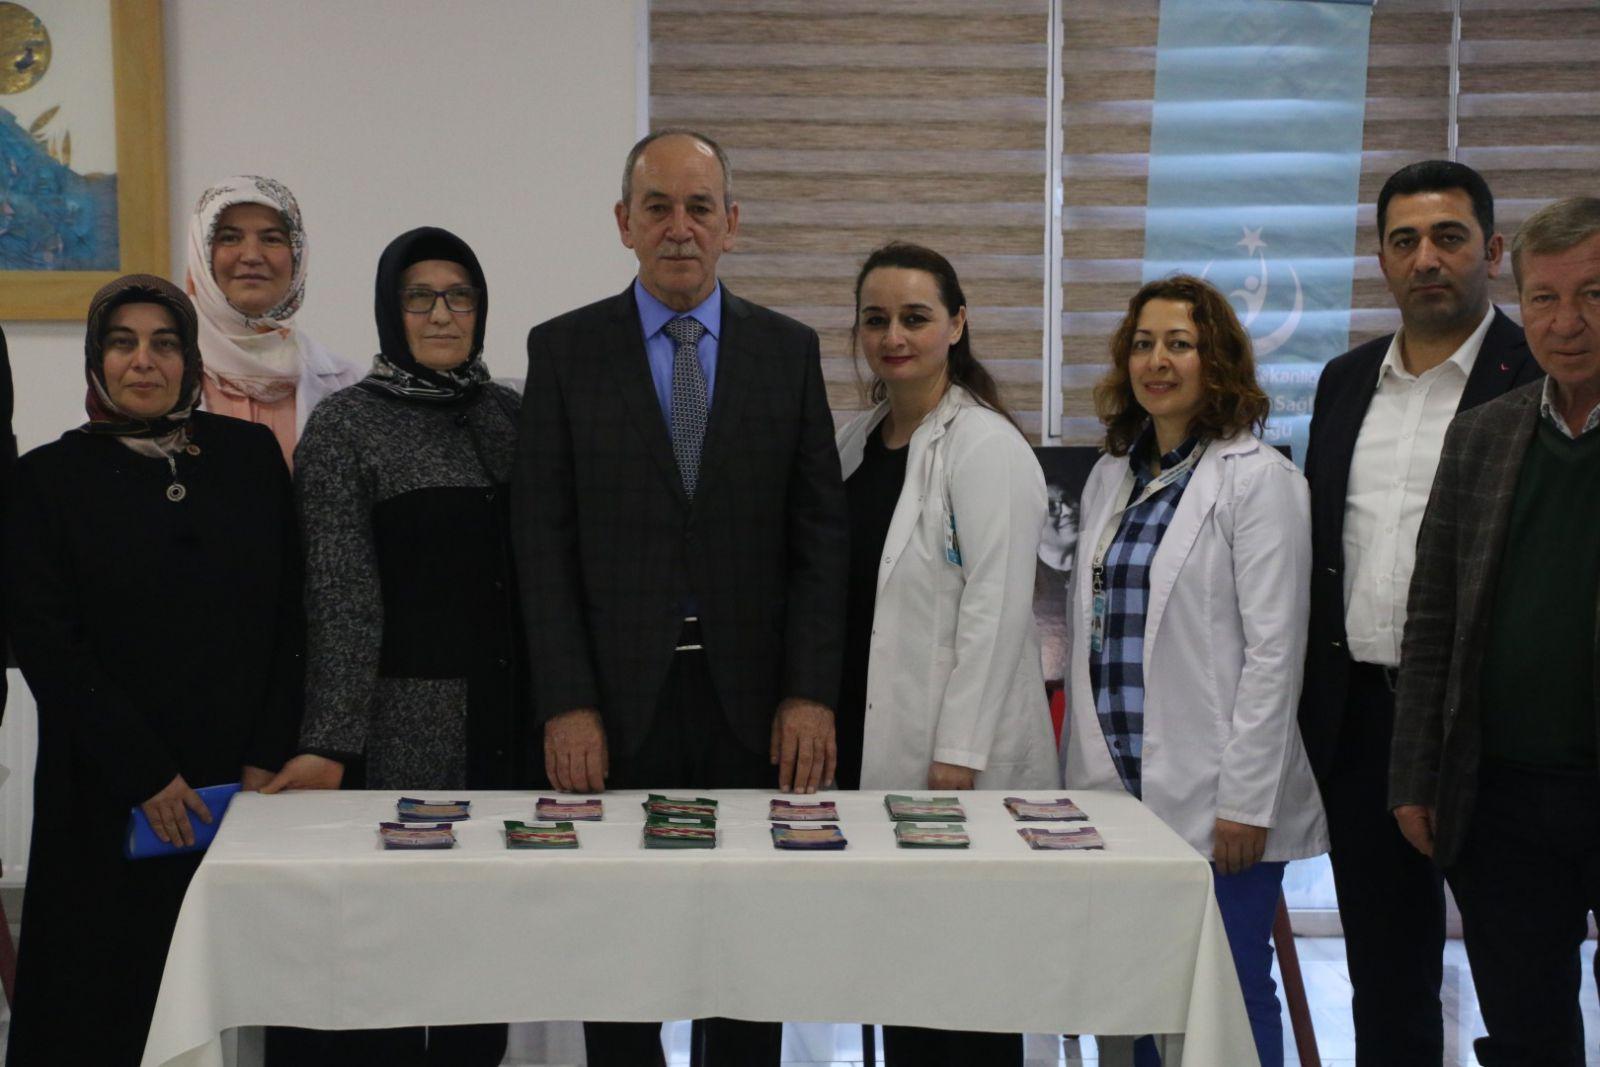 Marmara Ereğlisi Belediyesi ve Tekirdağ İl Sağlık Müdürlüğü'nden Anlamlı Etkinlik